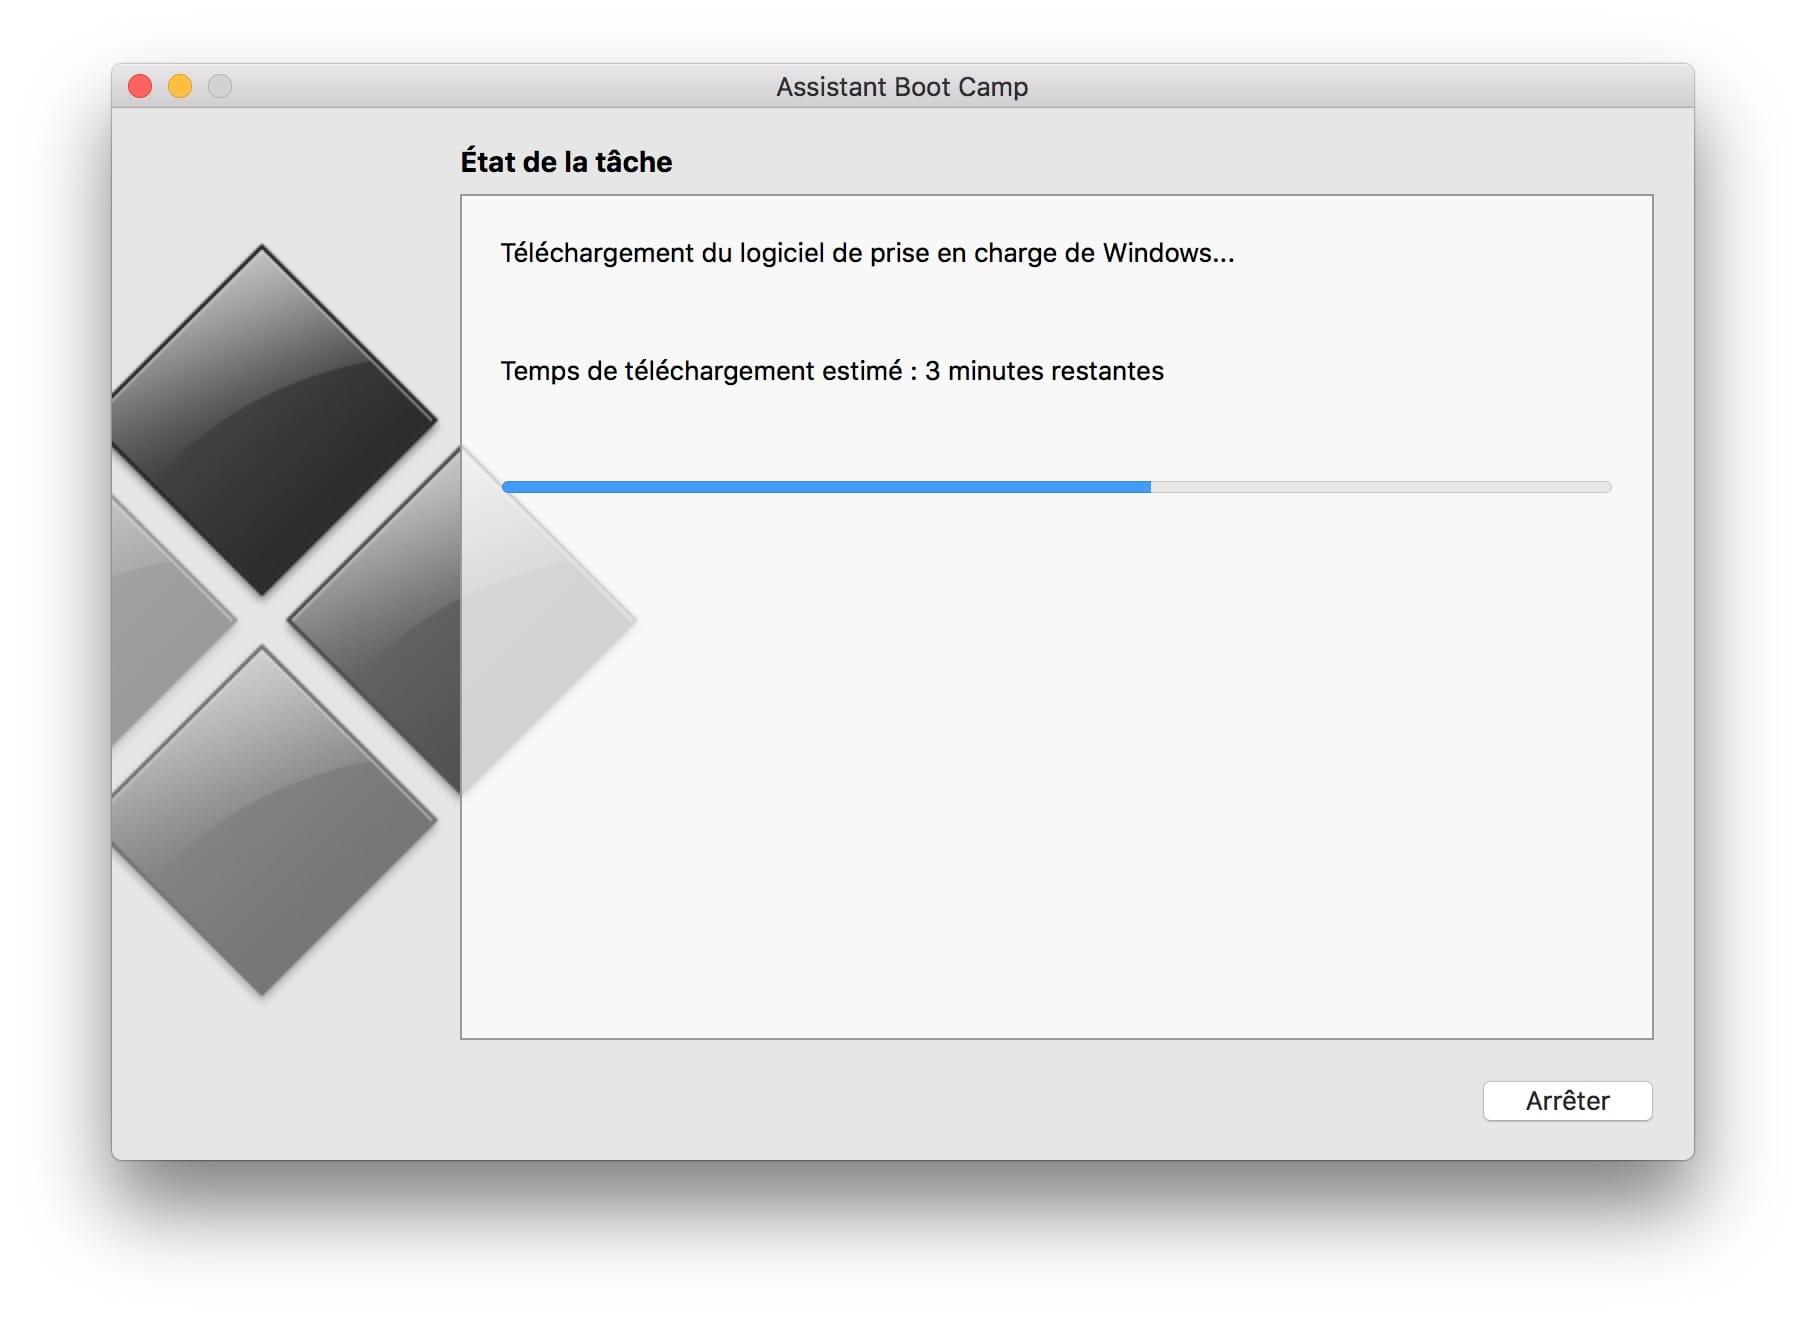 Le système d'exploitation avant connu comme OS X reçoit désormais le nom de macOS... 9/10 (69 votes) - Télécharger macOS Sierra Mac Gratuitement. macOS Sierra dispose des dernières nouveautés d'Apple pour le système d'exploitation de ses ordinateurs qui les approchent plus à ses appareils mobiles.